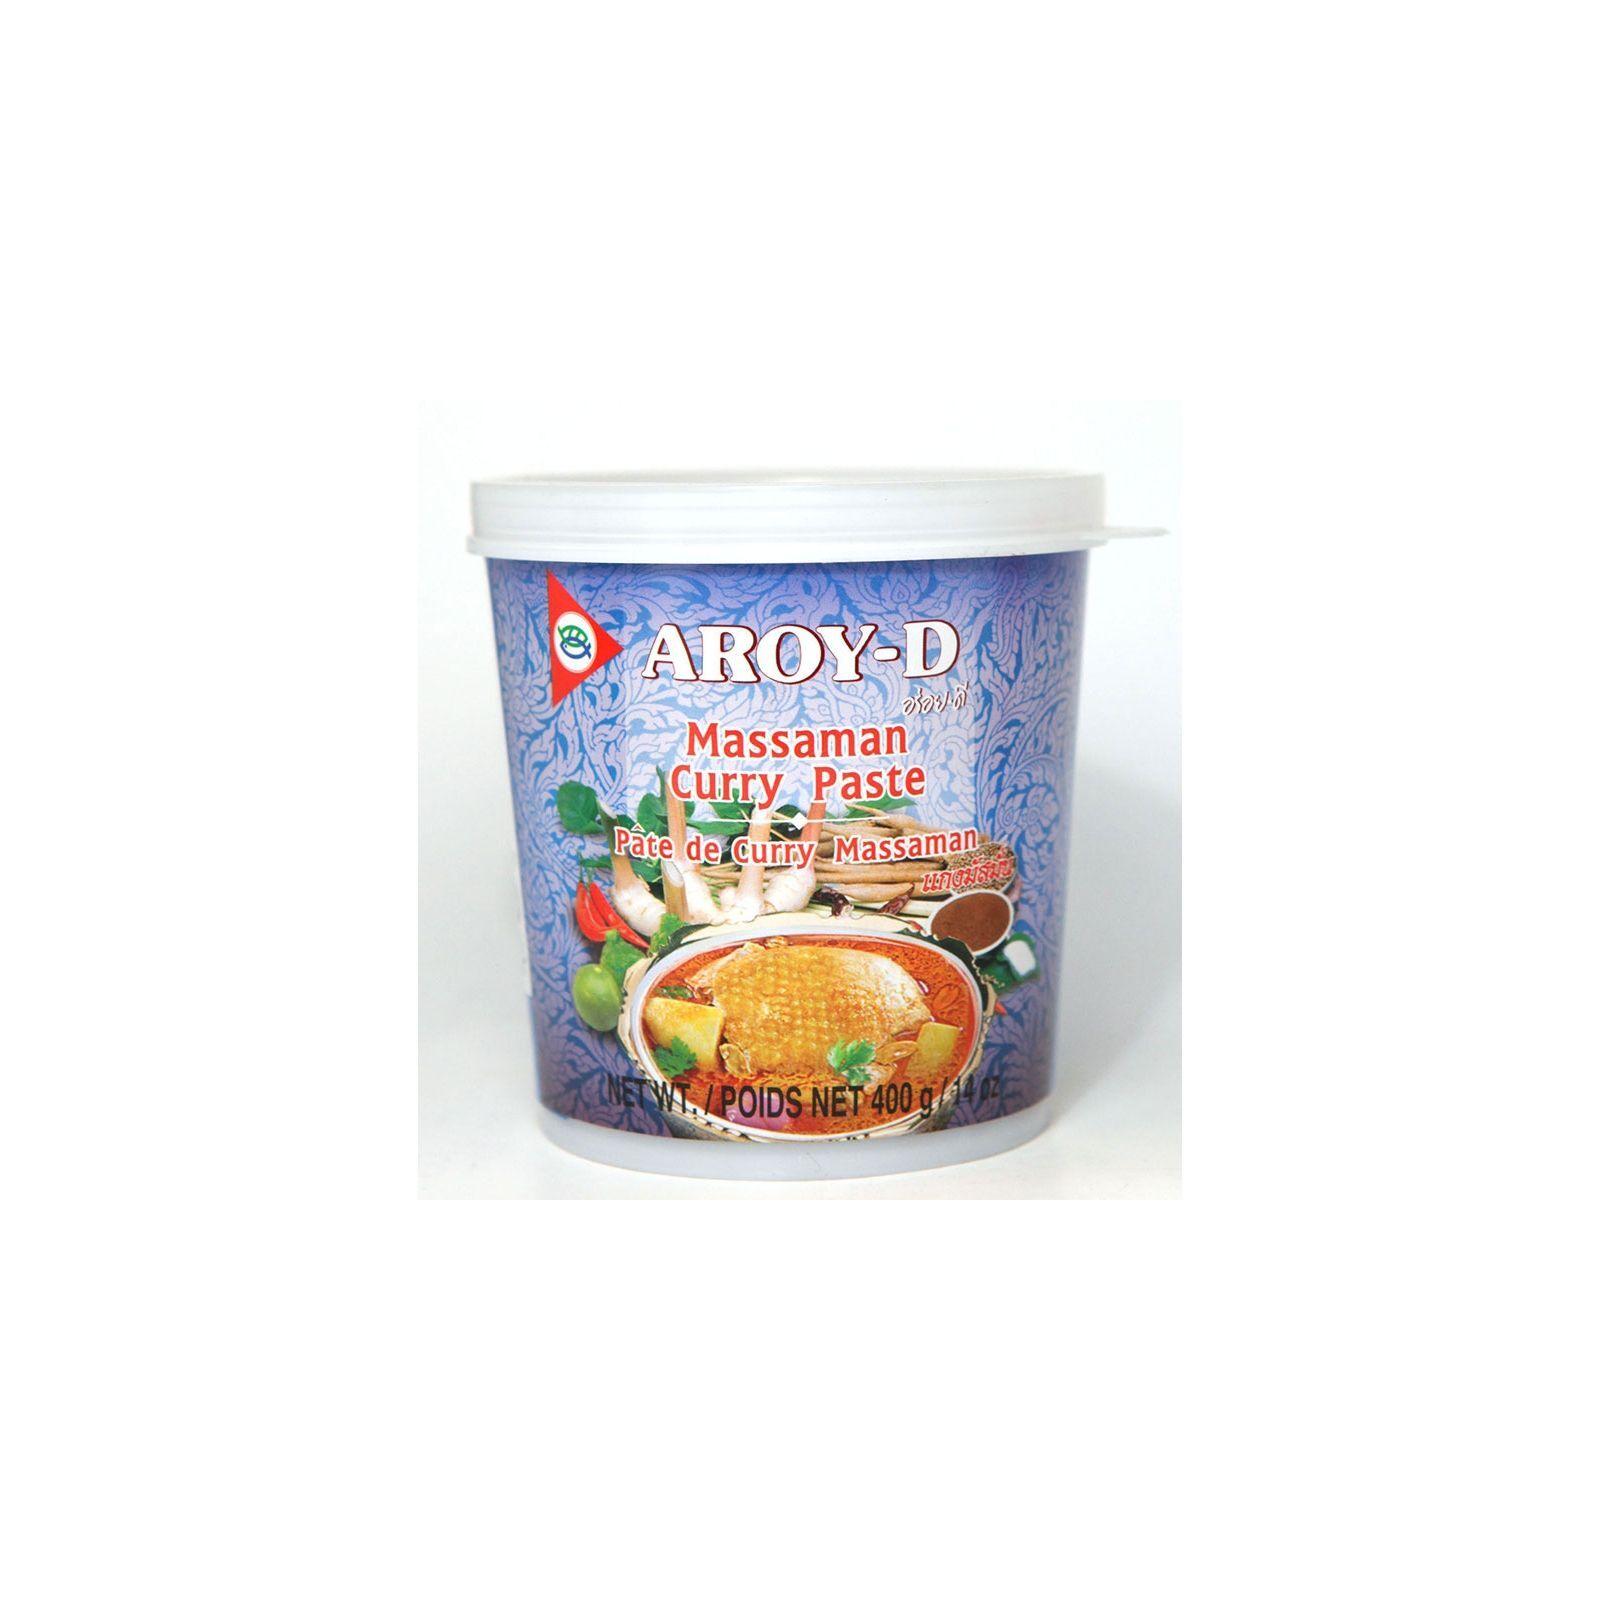 Asia Marché Pâte de curry Massaman 400g Aroy-D